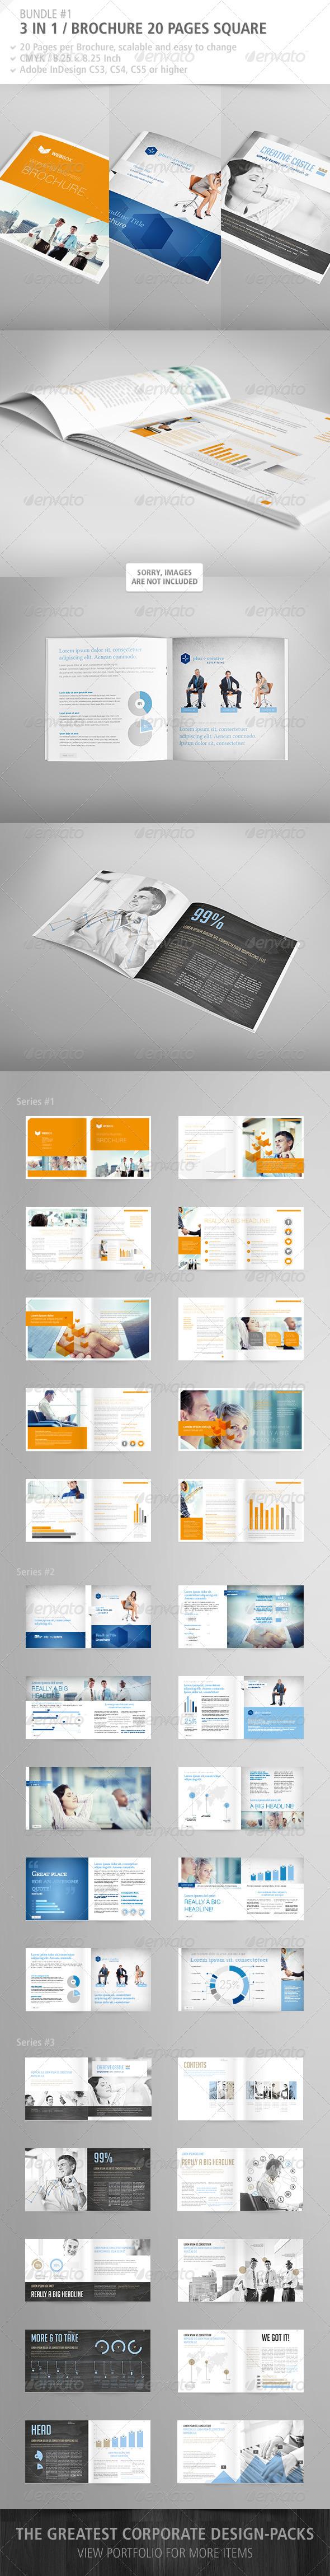 GraphicRiver Brochure Square 20 Pages Bundle #1 4063521